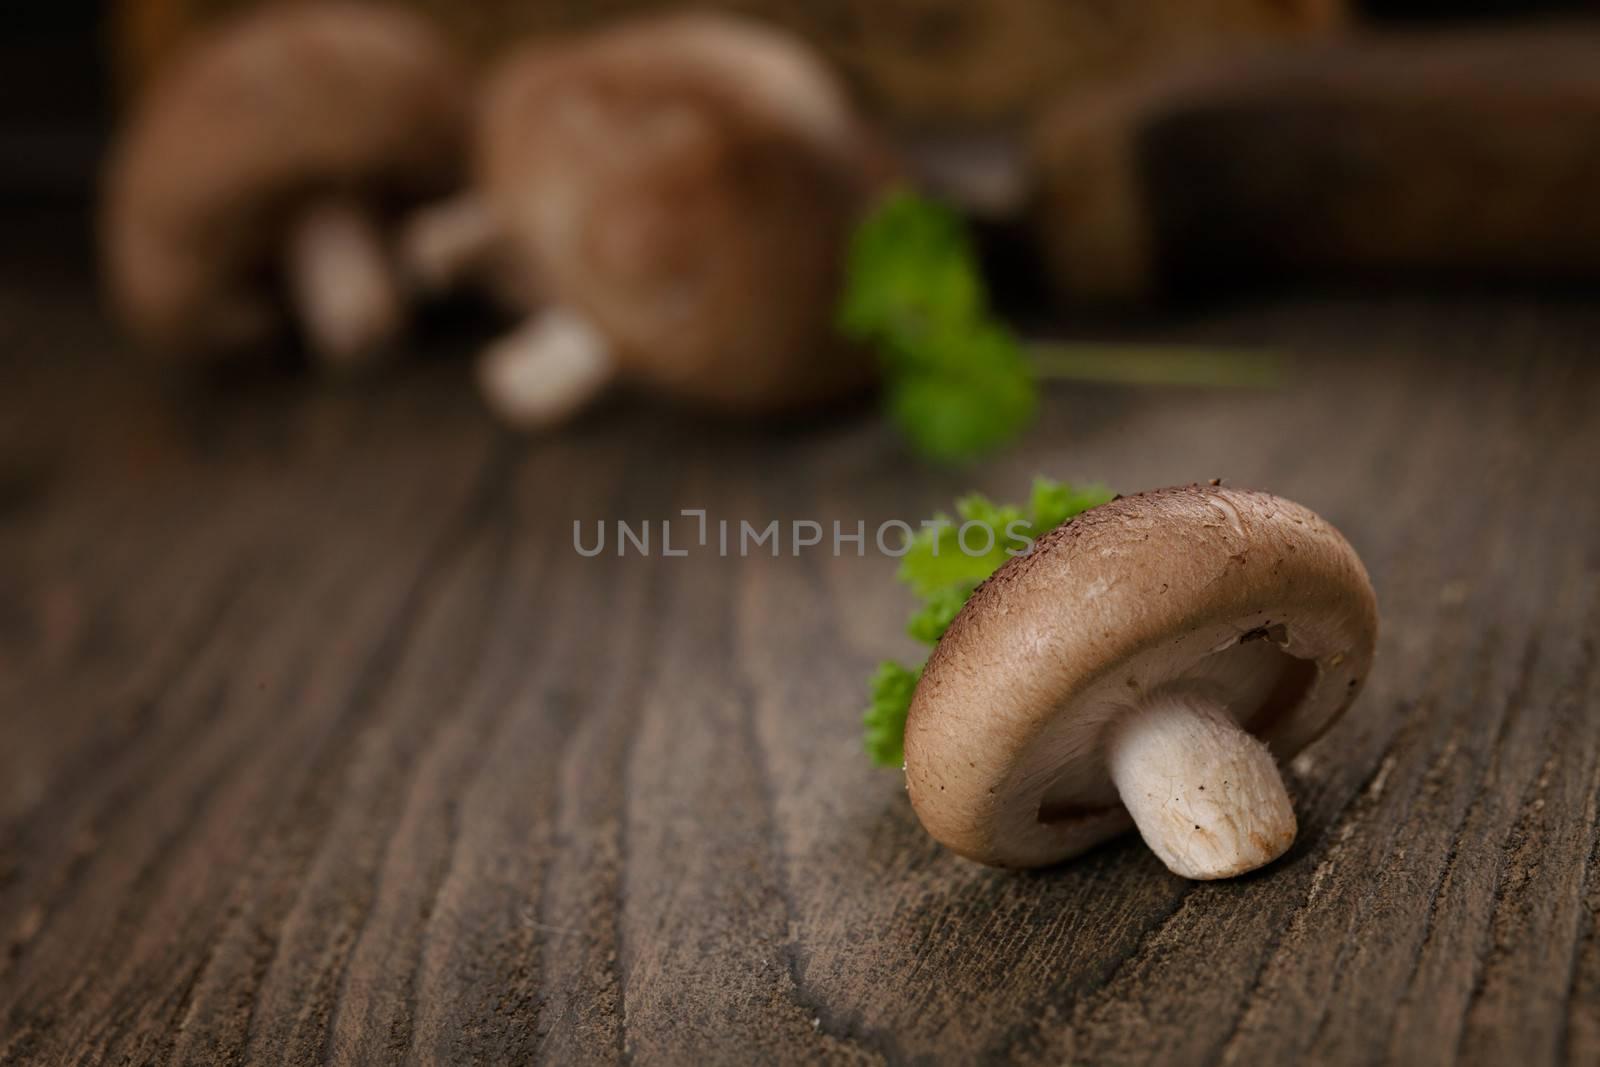 Cooking imgredients. Shiitake mushrooms on wood.